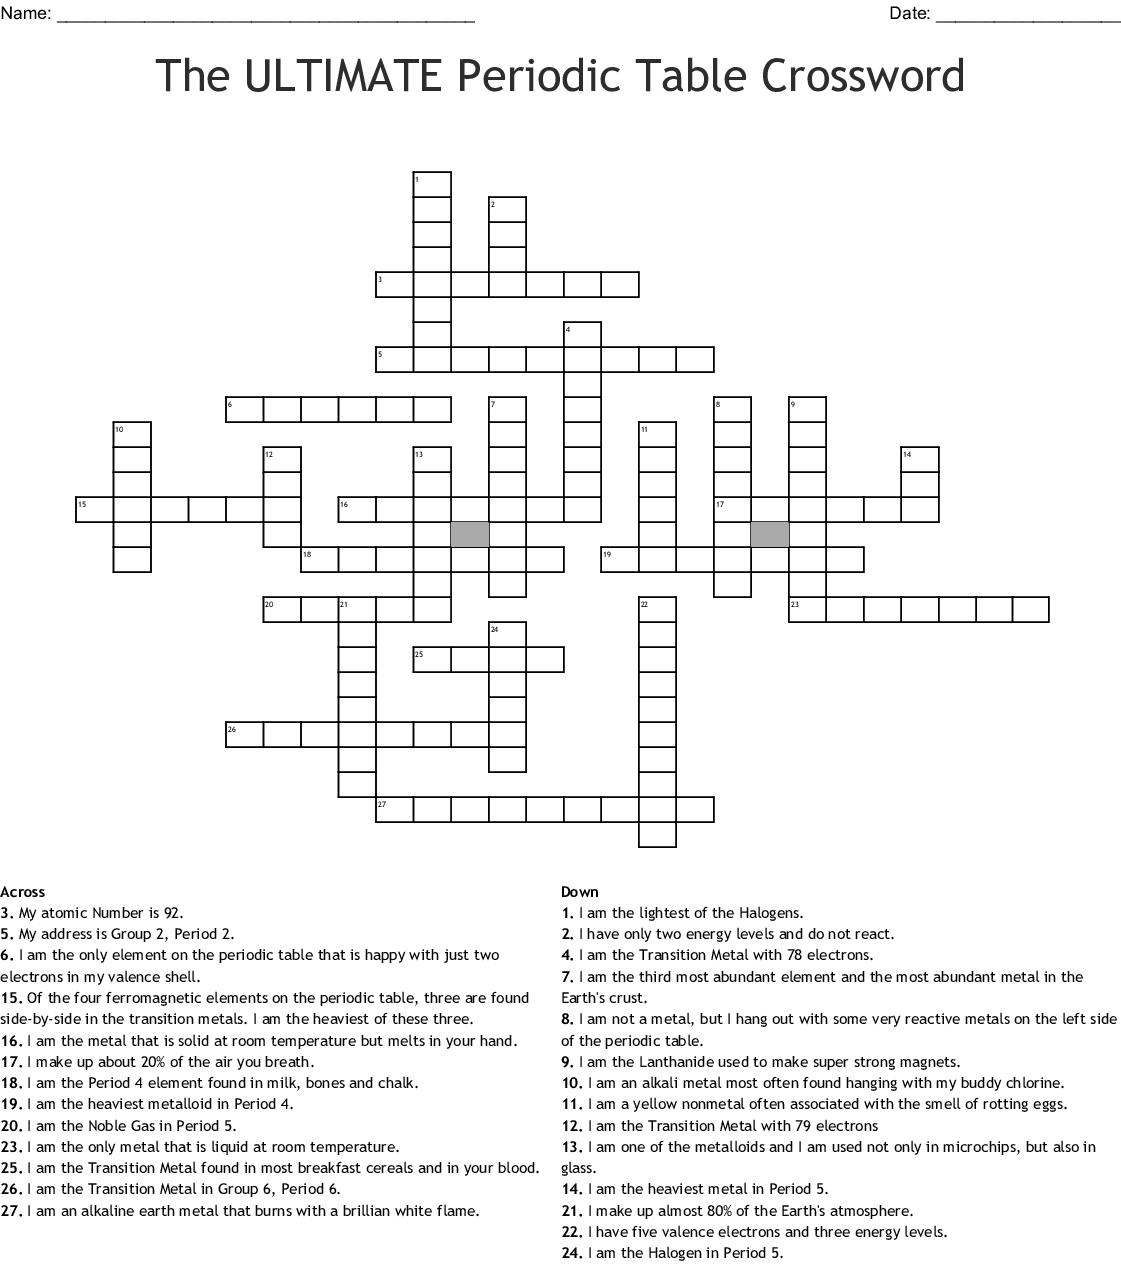 Chemistry Crossword Puzzle